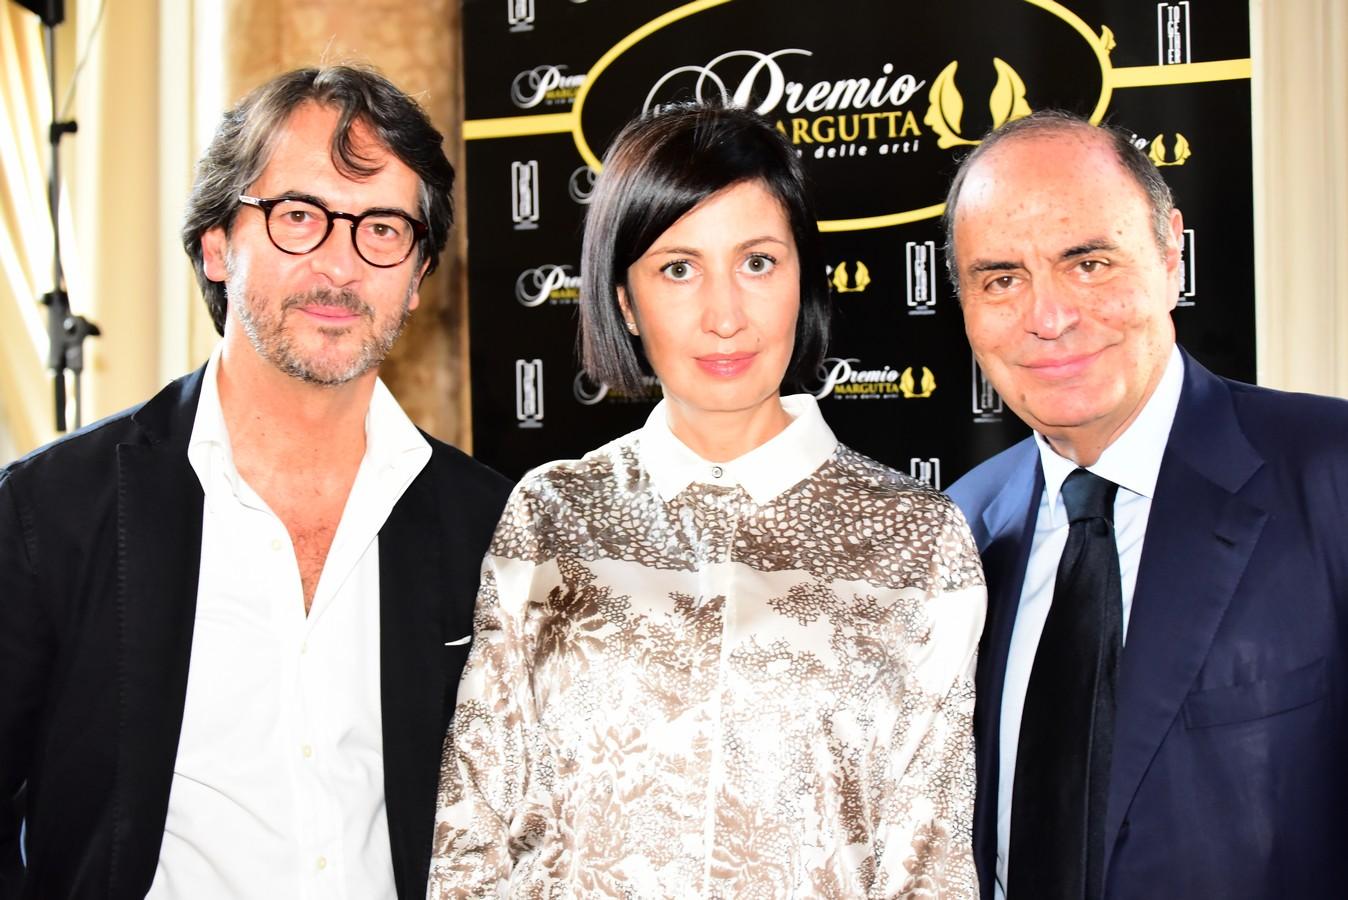 A Palazzo Colonna l'edizione 2016 del Premio Margutta